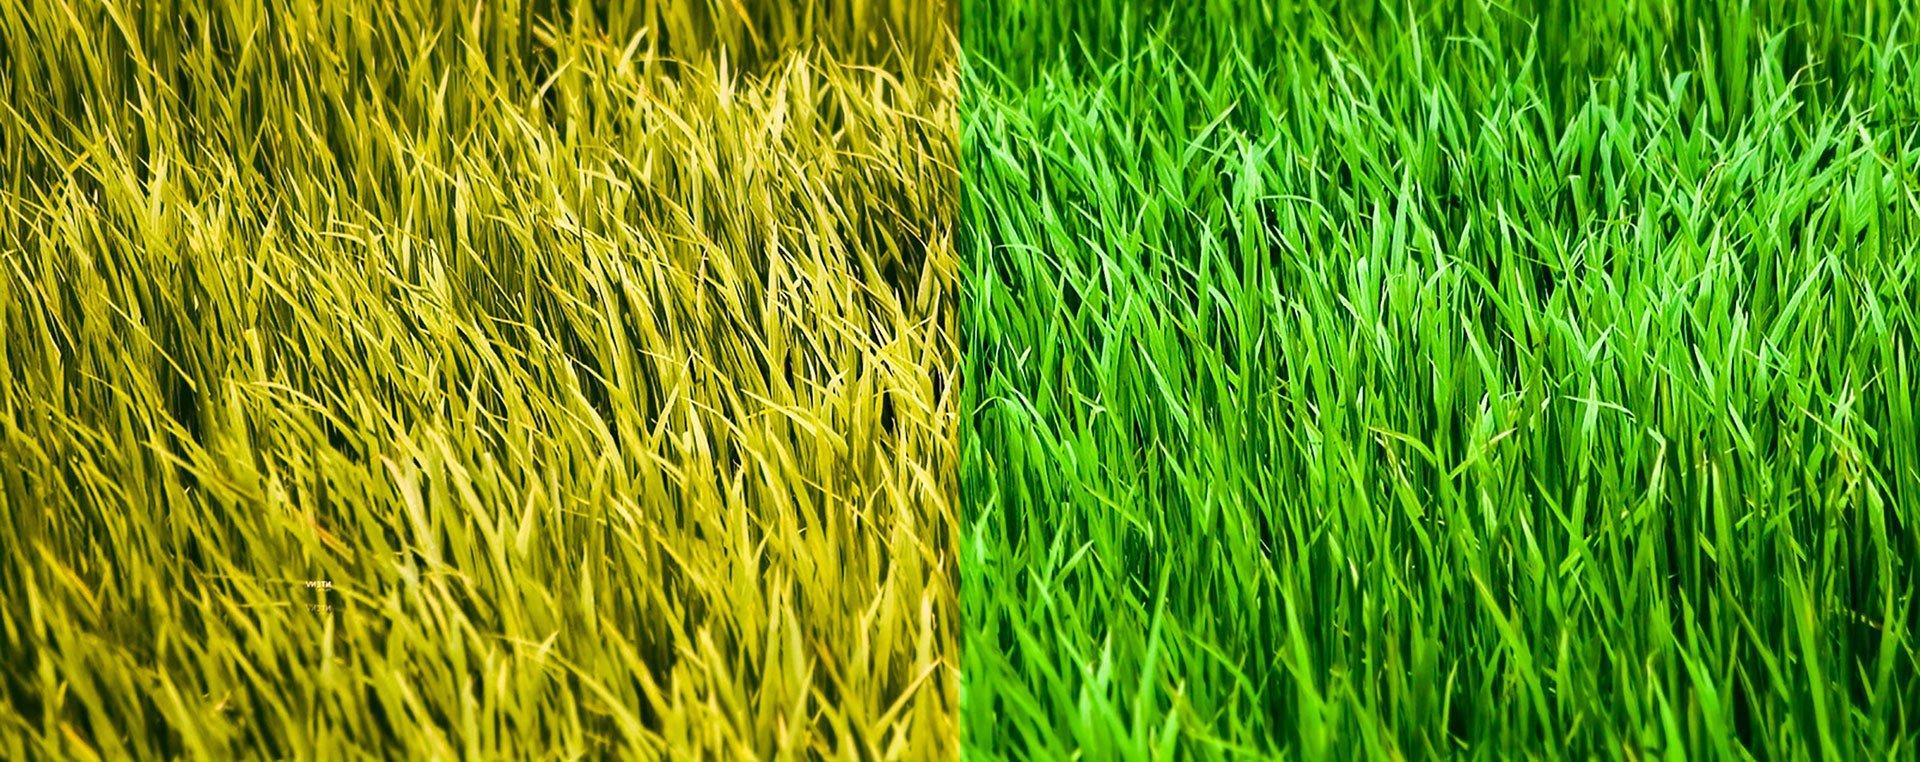 Manutenzione Giardini Milano E Provincia caruso giardinaggio/giardinieri a milano | prima e dopo